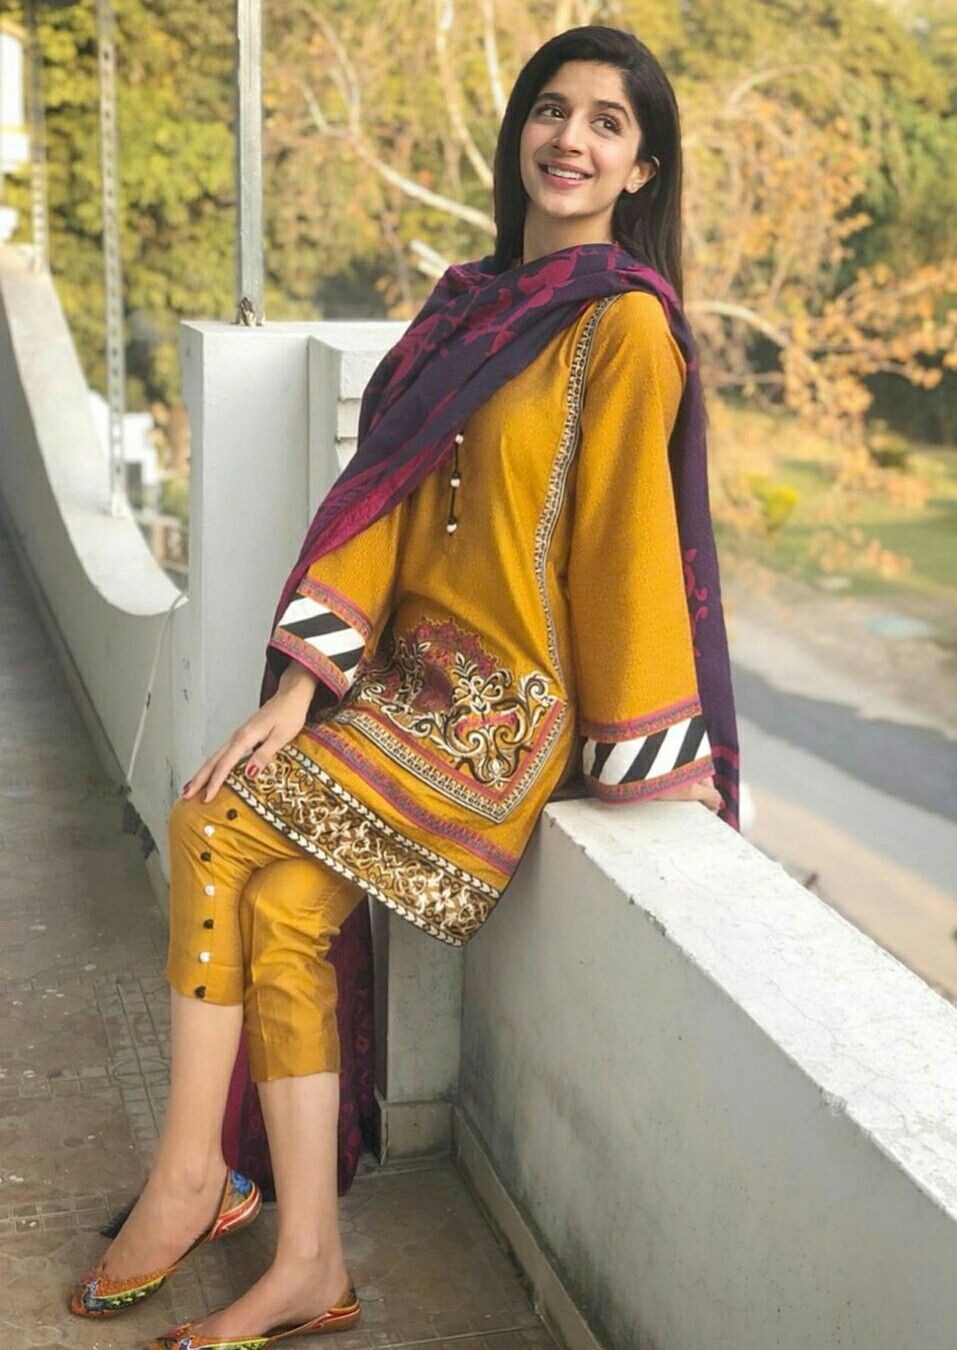 Pin by Wajahat Alam on urwa and Mawra hocane | Pakistani ...